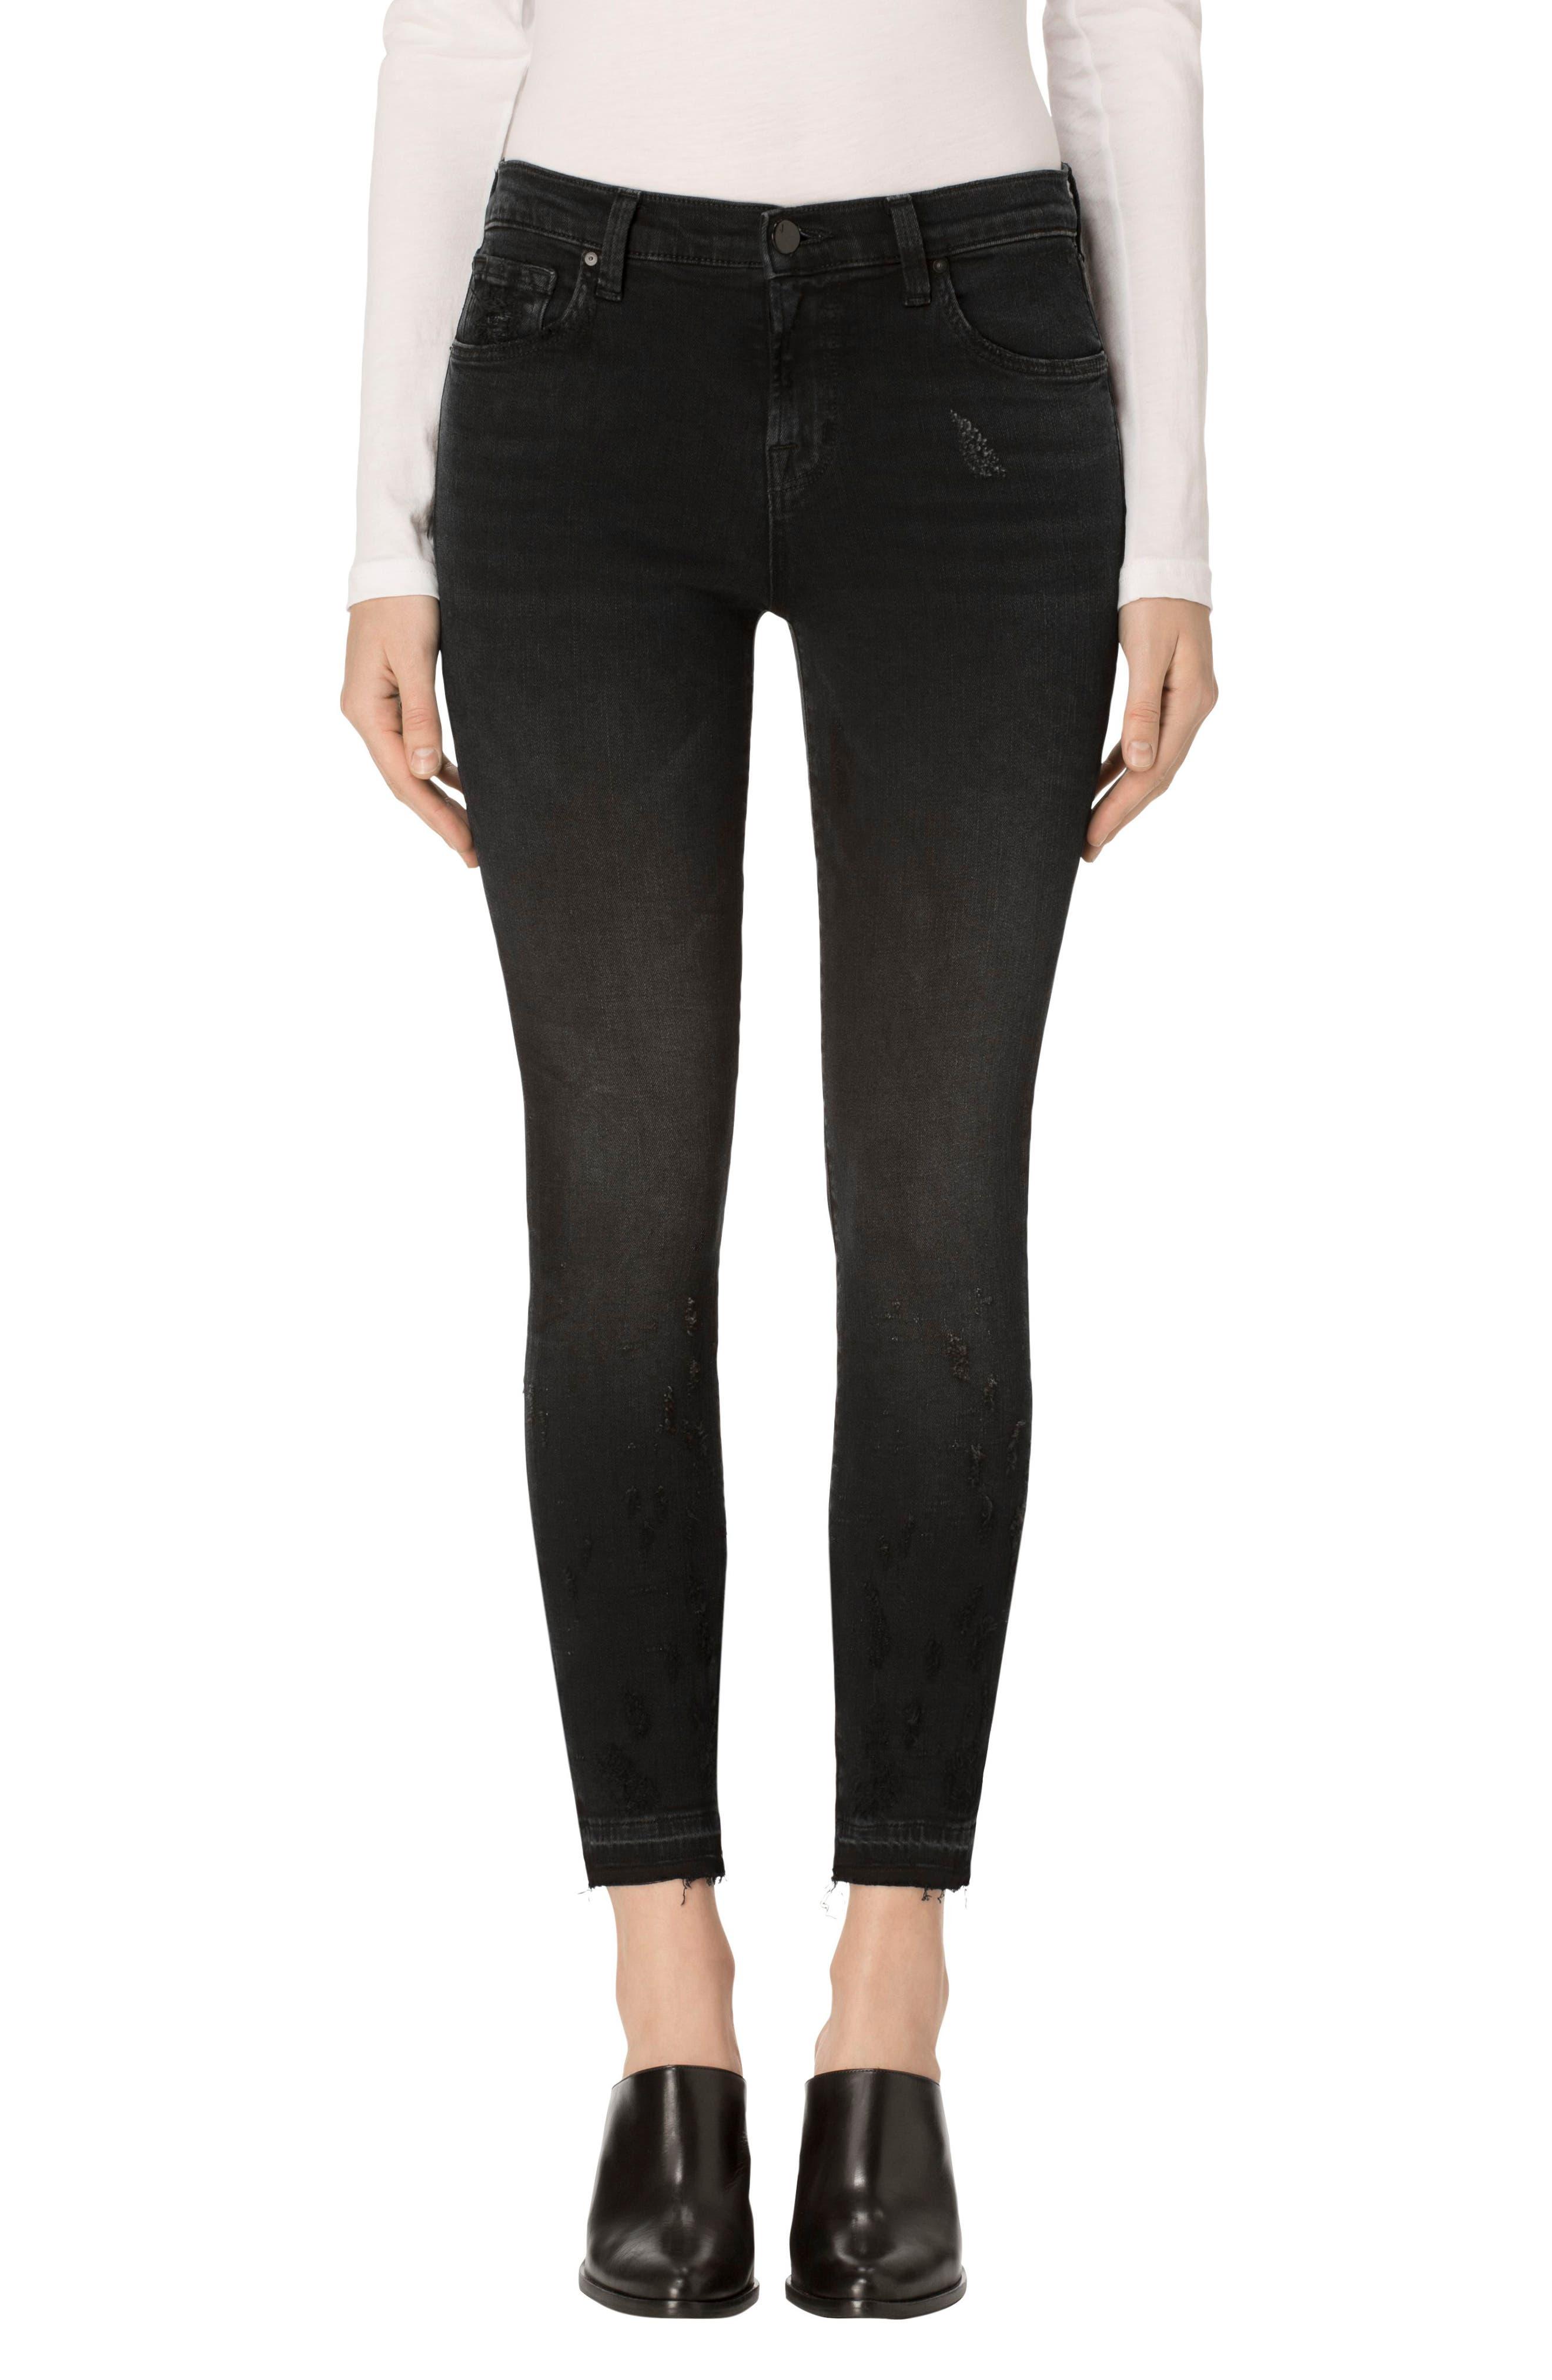 Alternate Image 1 Selected - J Brand 835 Released Hem Crop Skinny Jeans (Corrupted)